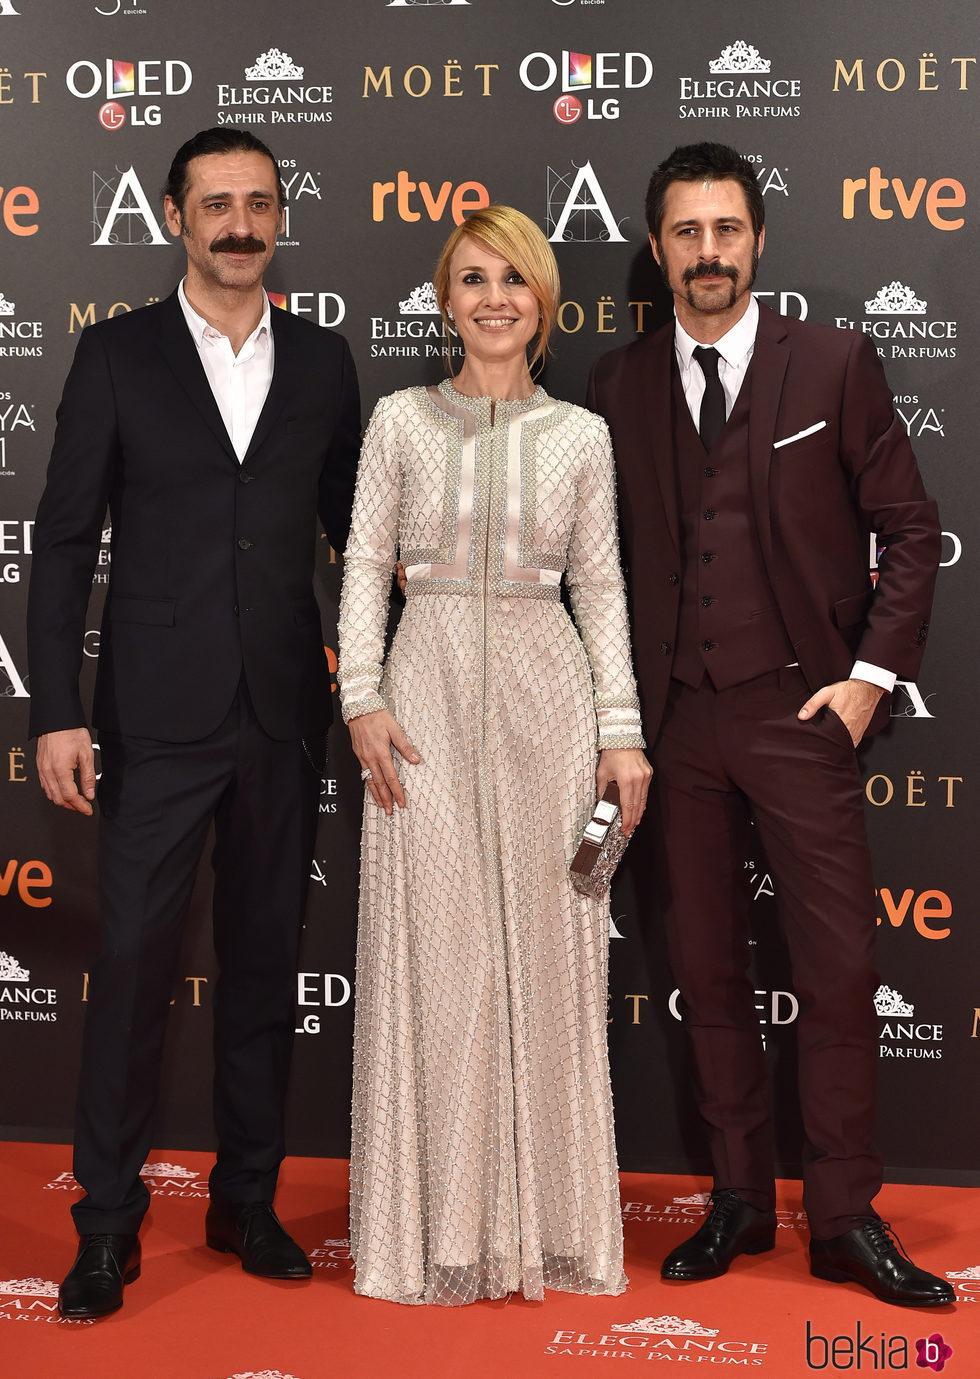 Nacho Fresneda, Cayetana Guillén Cuervo y Hugo Silva en la alfombra roja de los Premios Goya 2017